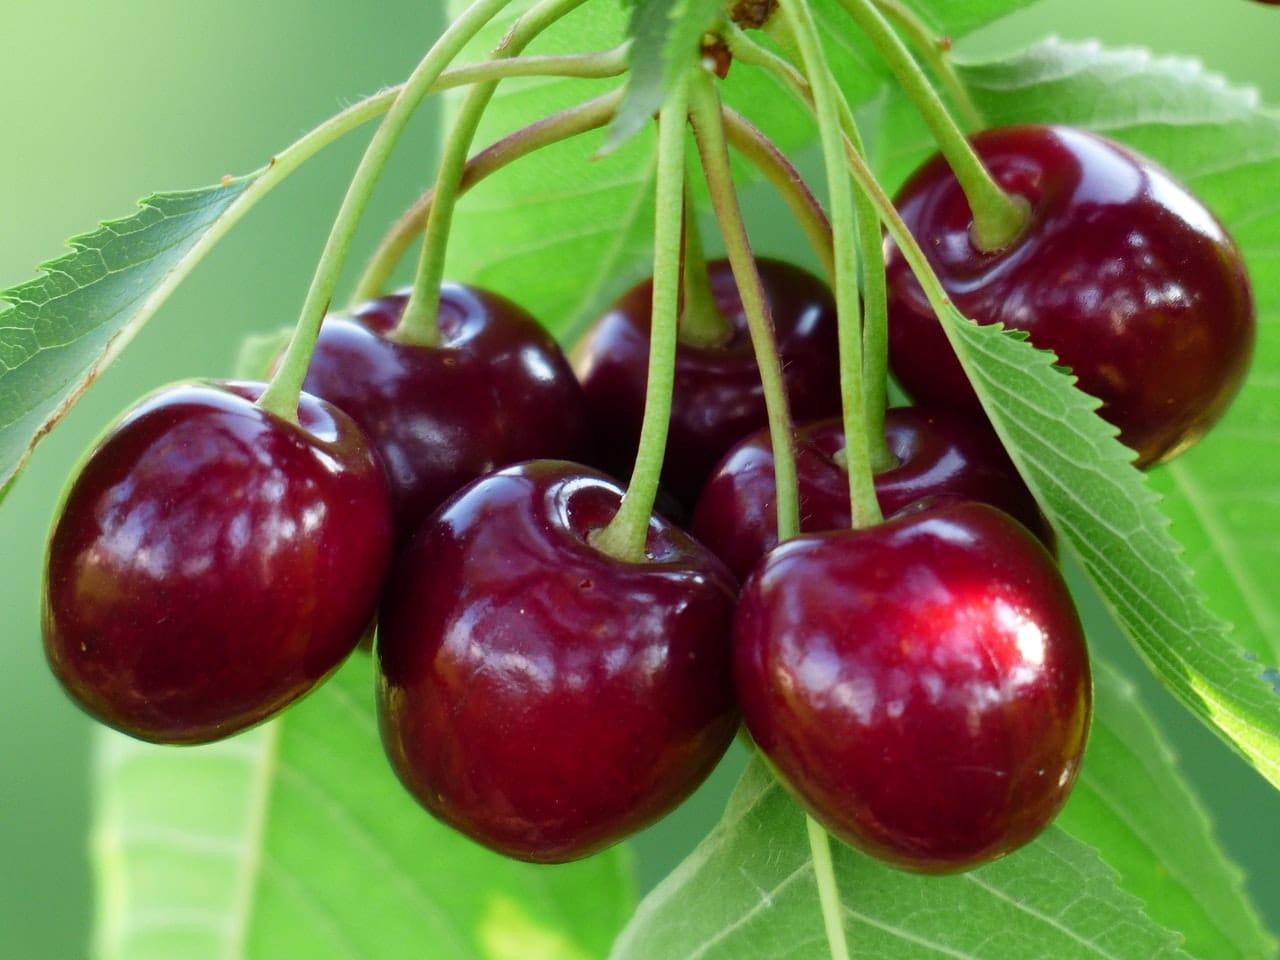 Las cerezas las produce un árbol caducifolio